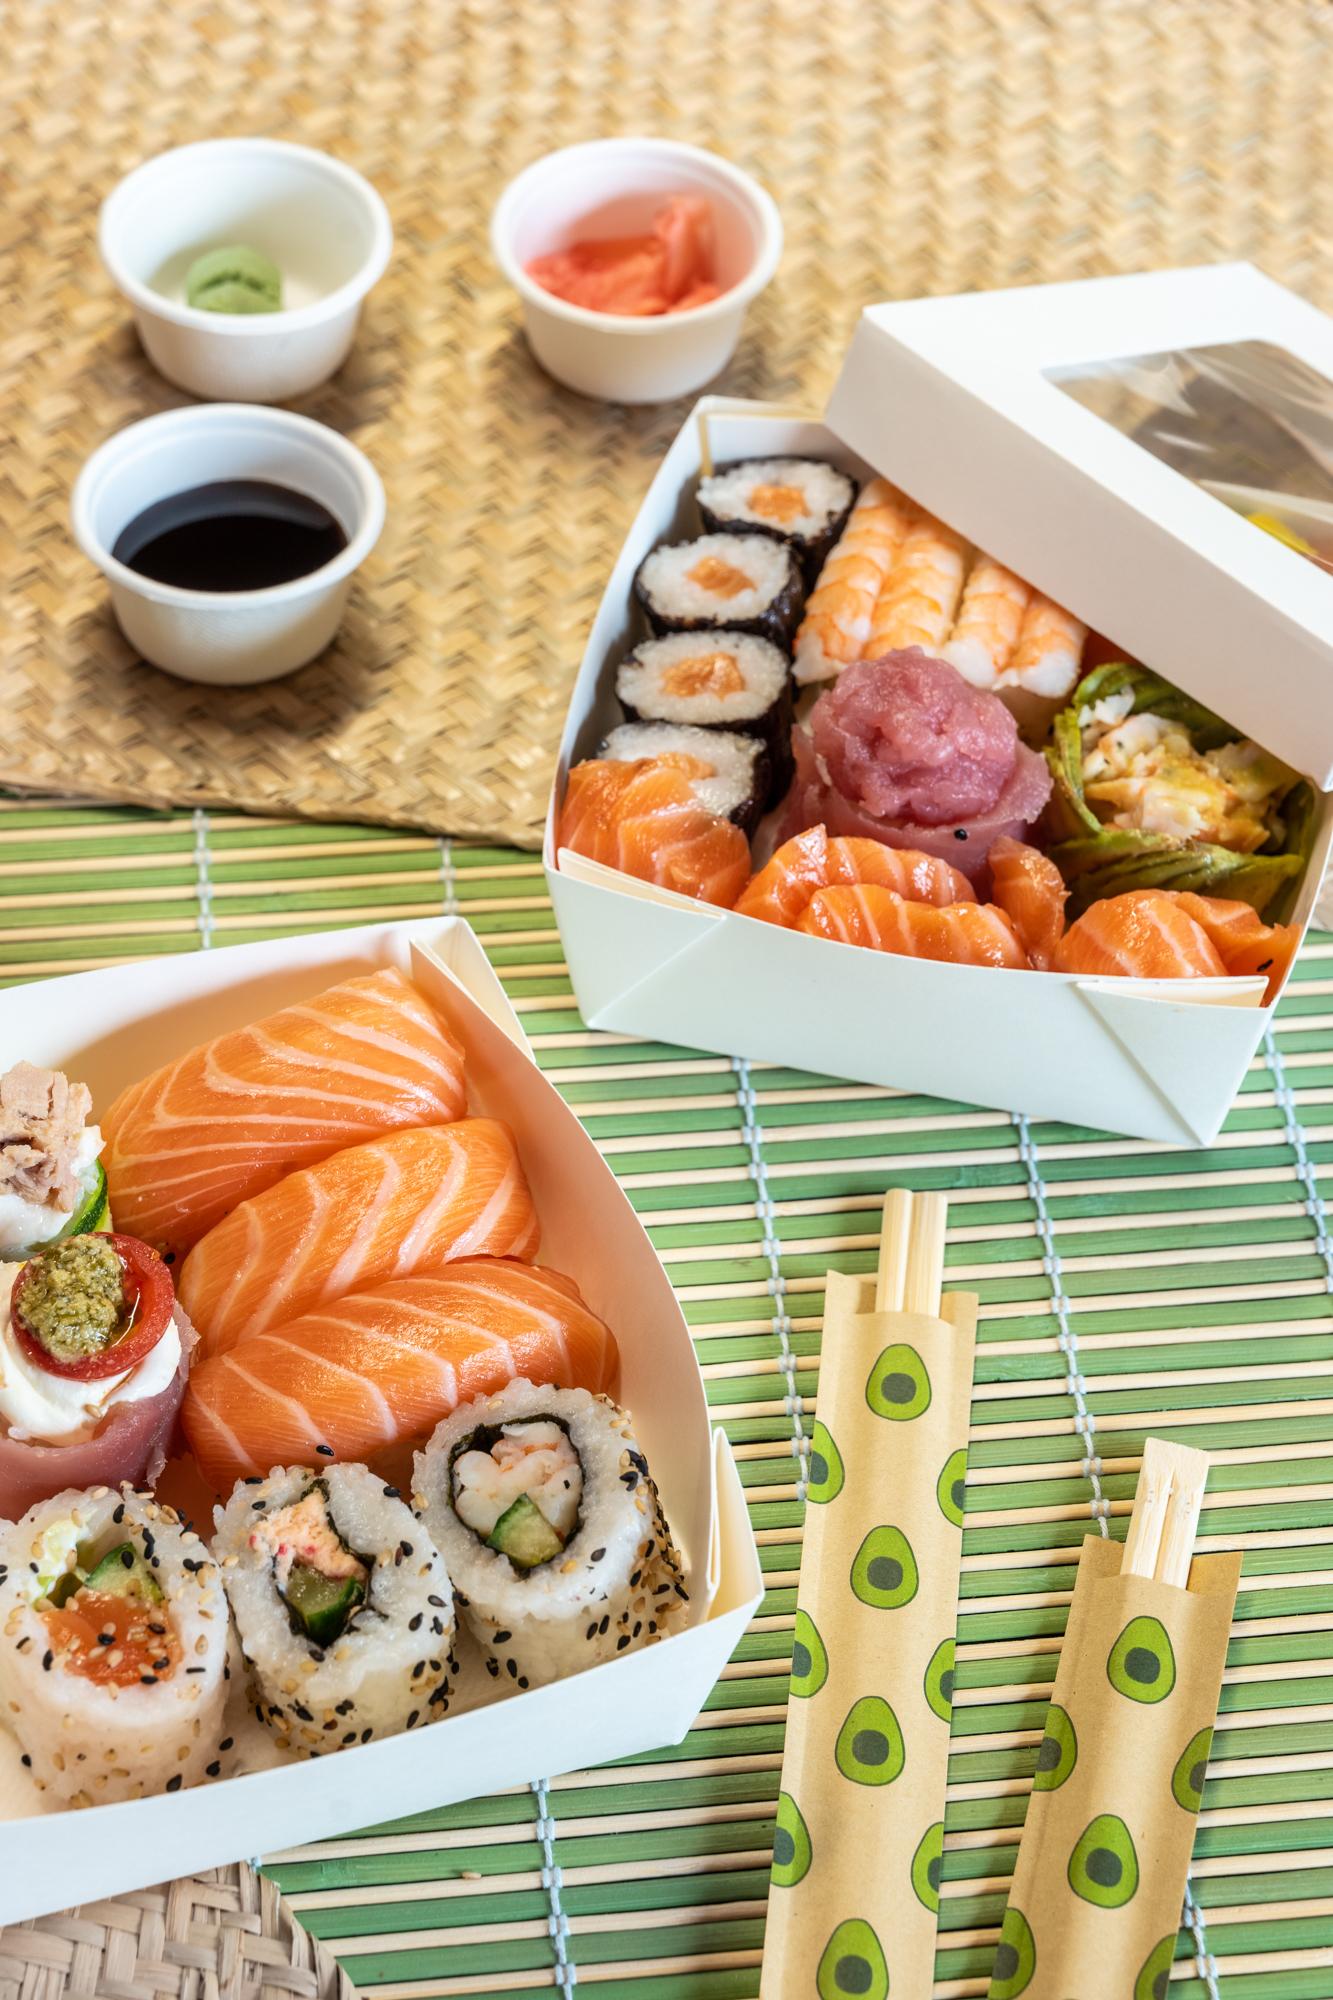 Le scatole kray sono le food box perfette per il delivery food e il take-away. Un focus su questo prodotto per conoscerlo meglio.4